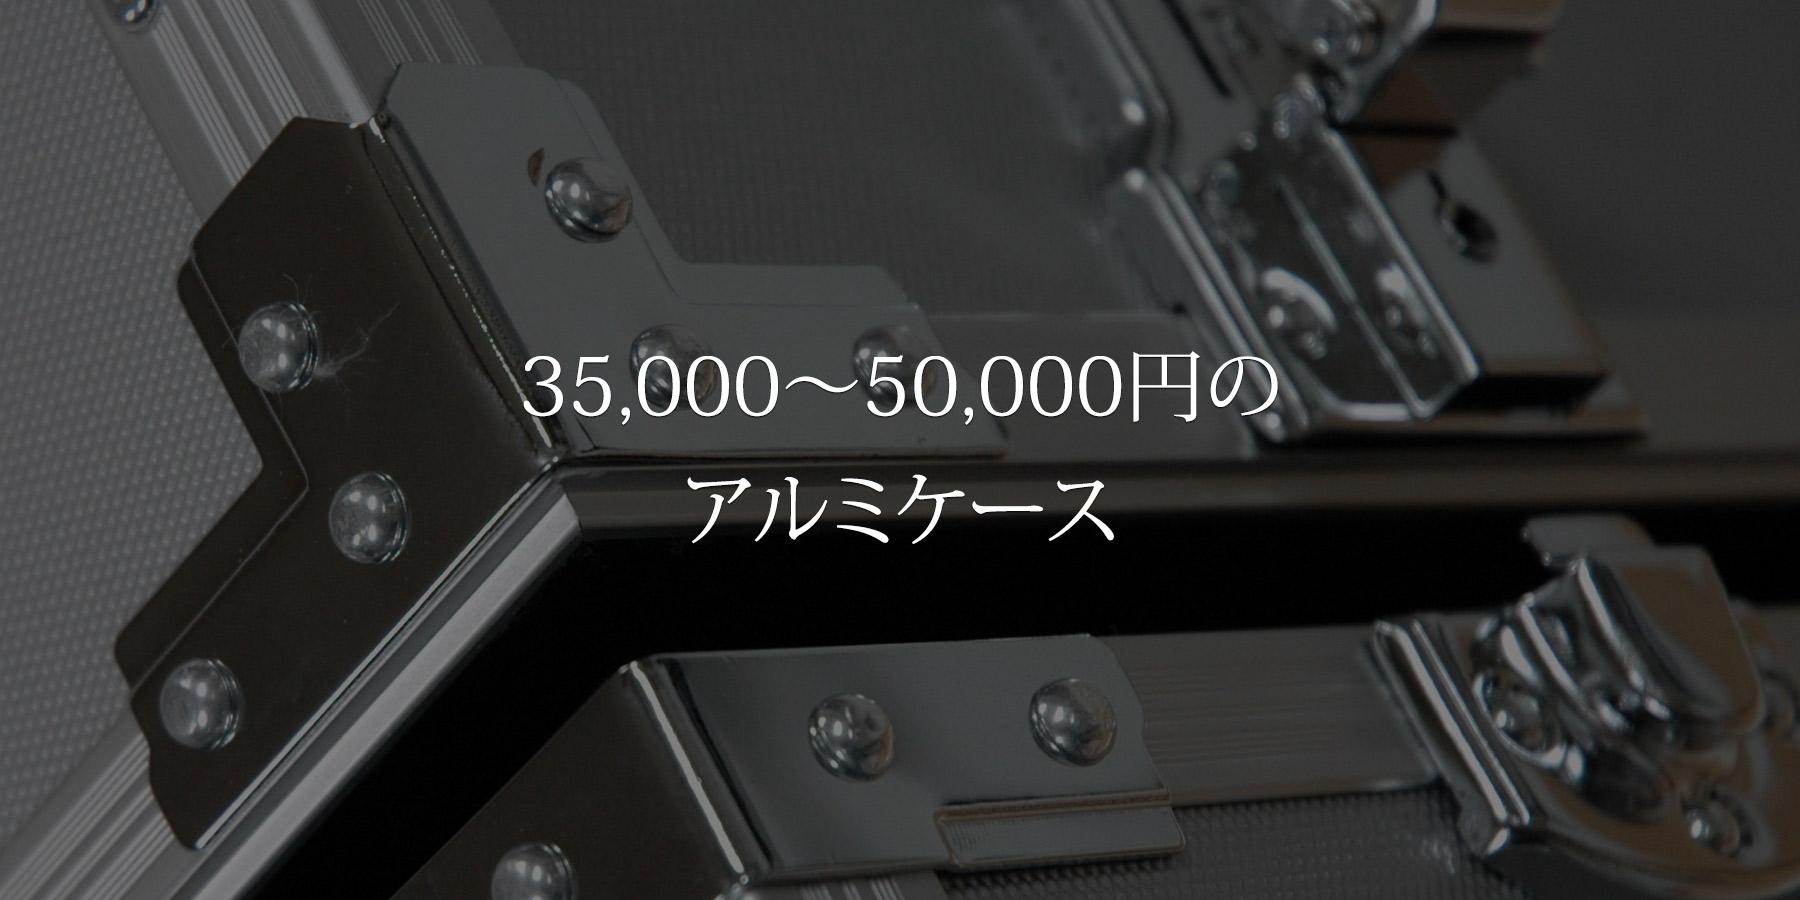 35,000~50,000円のアルミケース